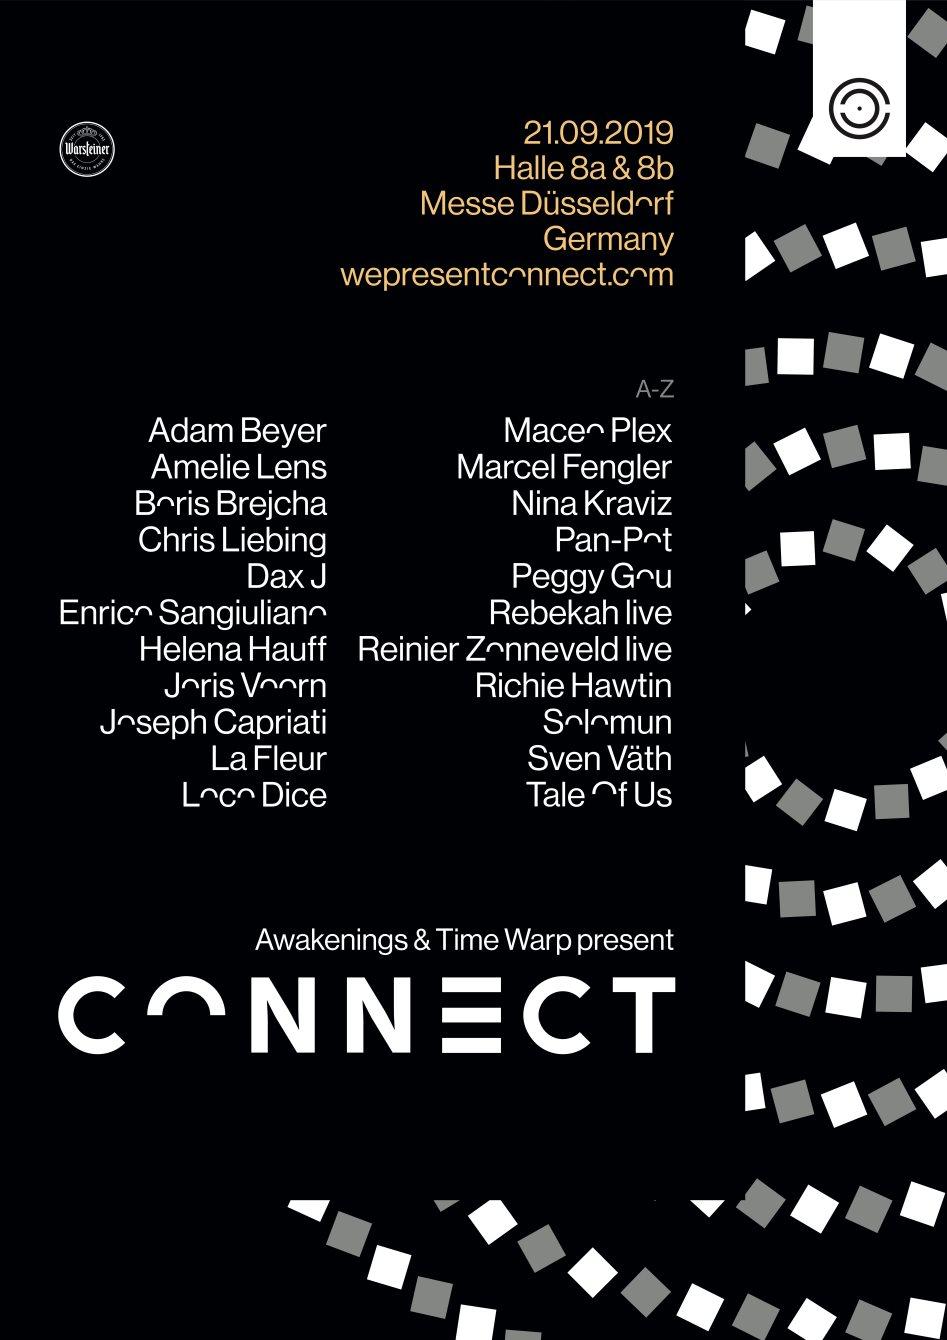 RA: Awakenings & Time Warp present Connect 2019 at Messe Düsseldorf